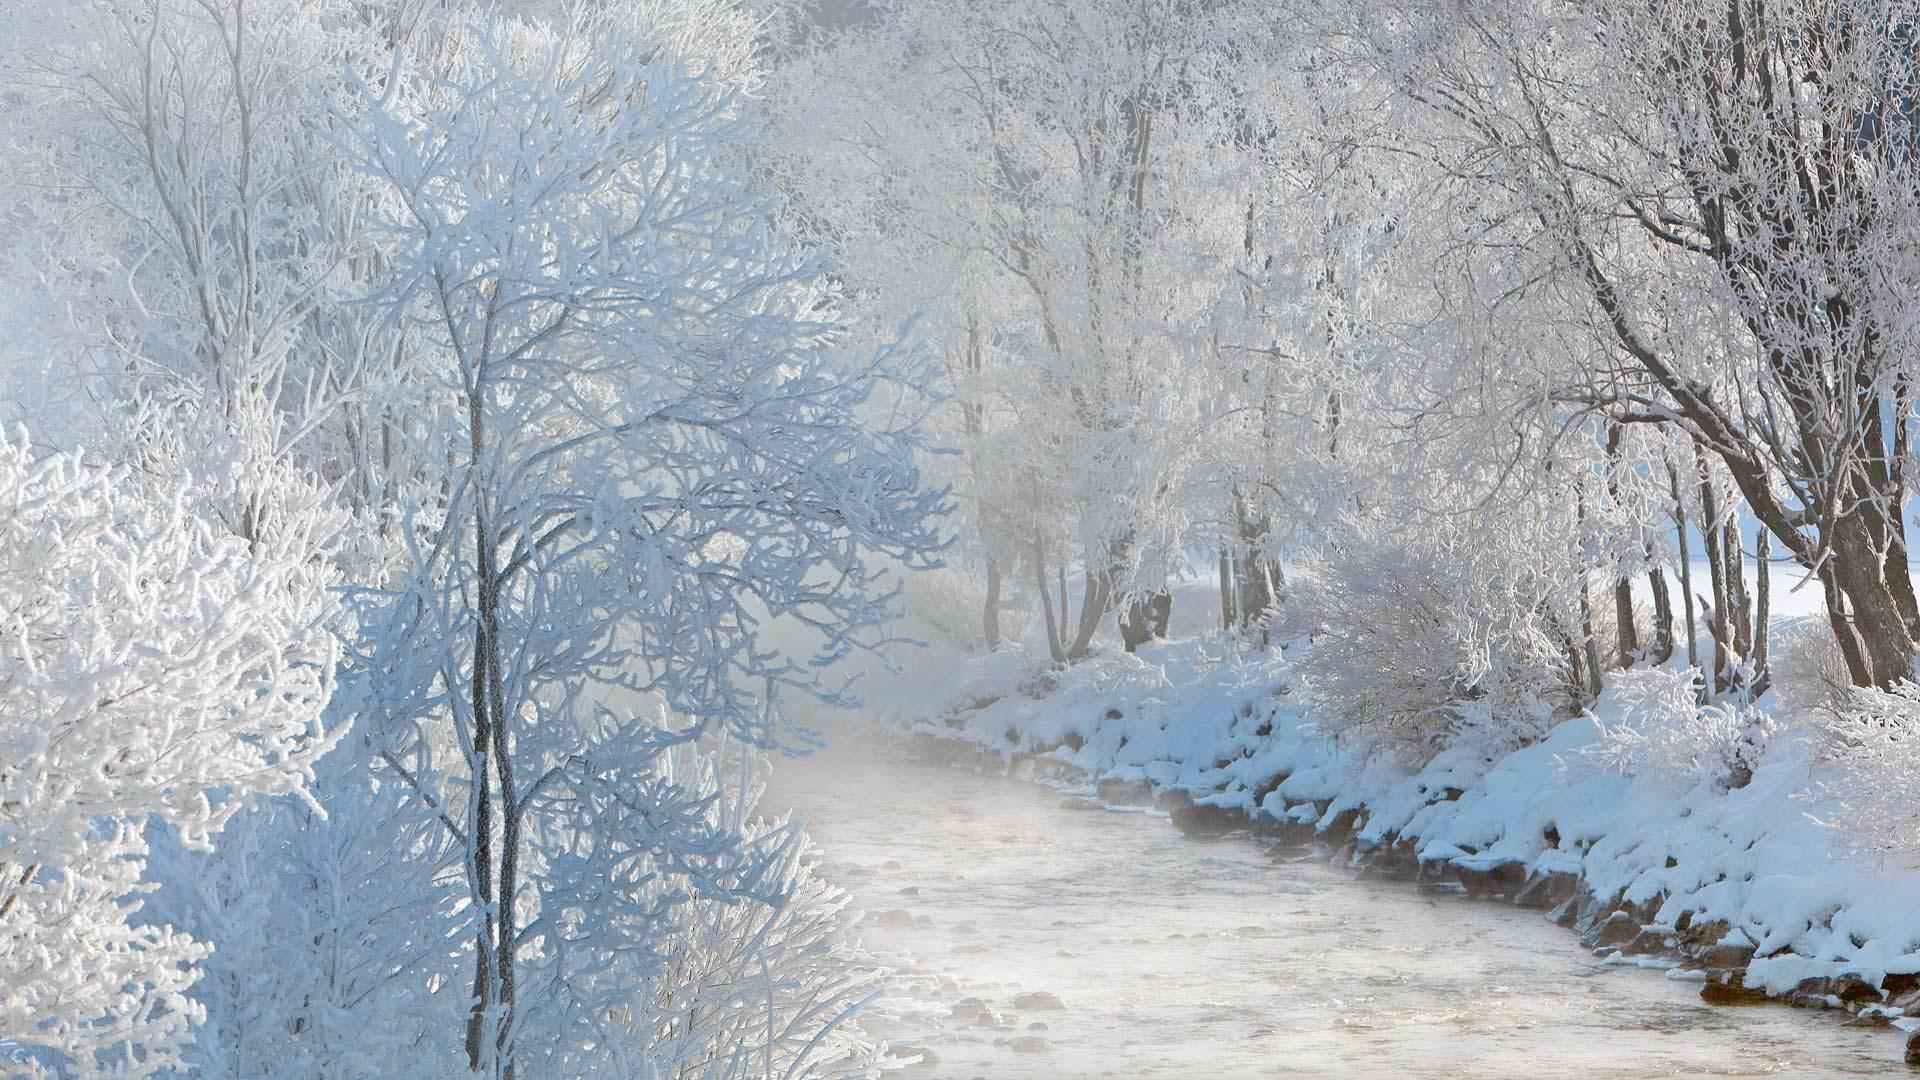 冬日的萨尔兹河